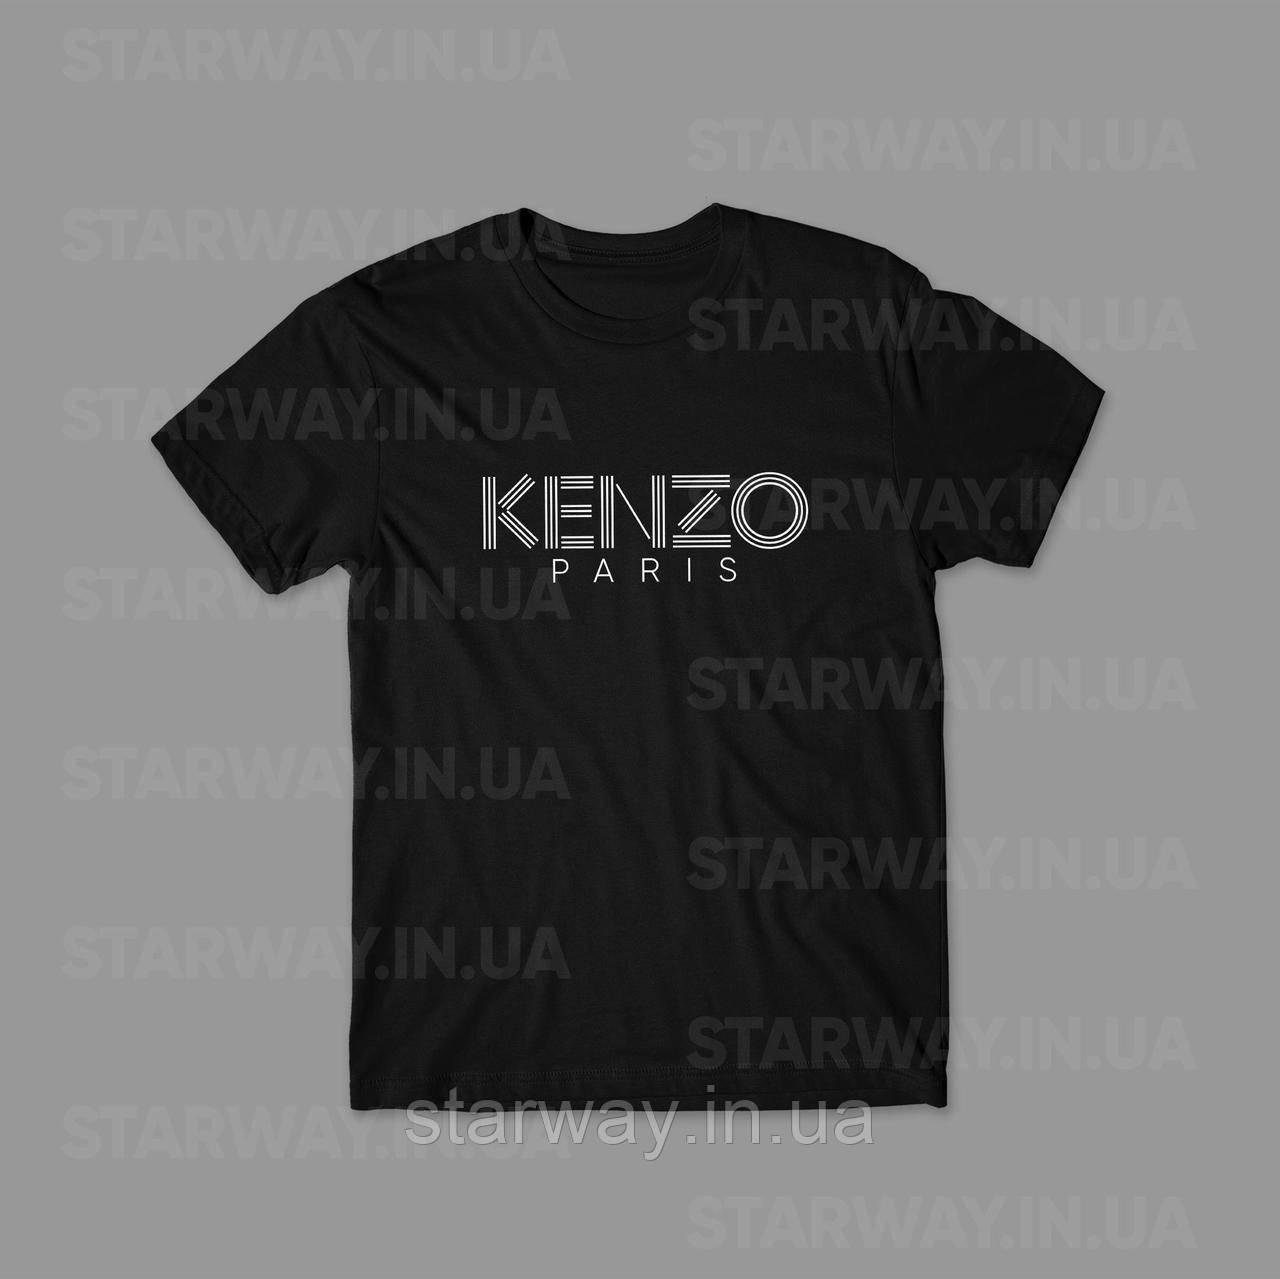 Футболка стильная Kenzo Paris logo